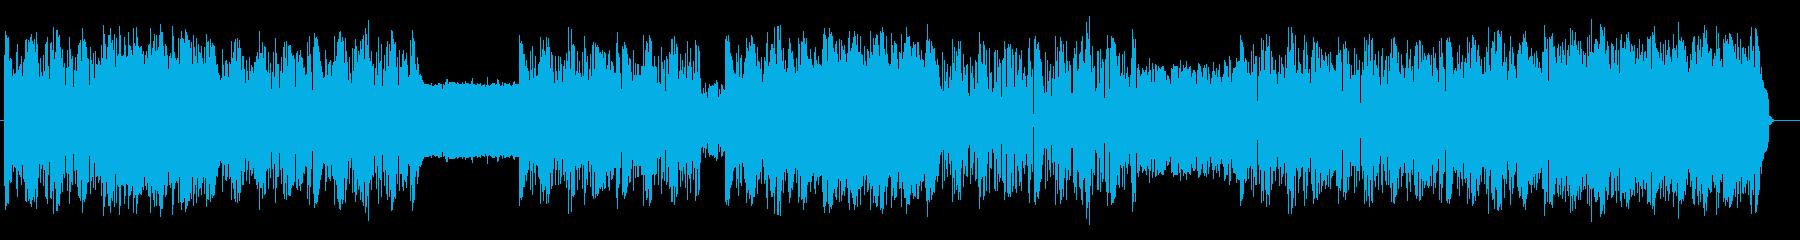 様々な音が耳に楽しい躍動感あるテクノの再生済みの波形